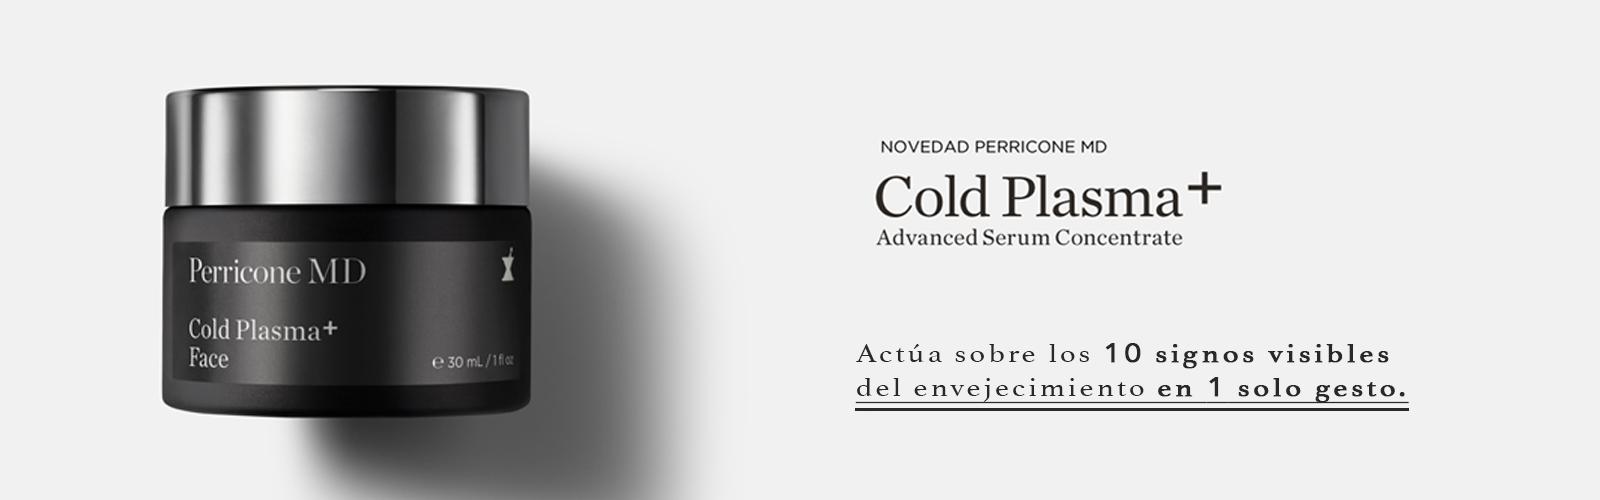 COLD PLASMA+ Face (sérum avanzado concentrado)